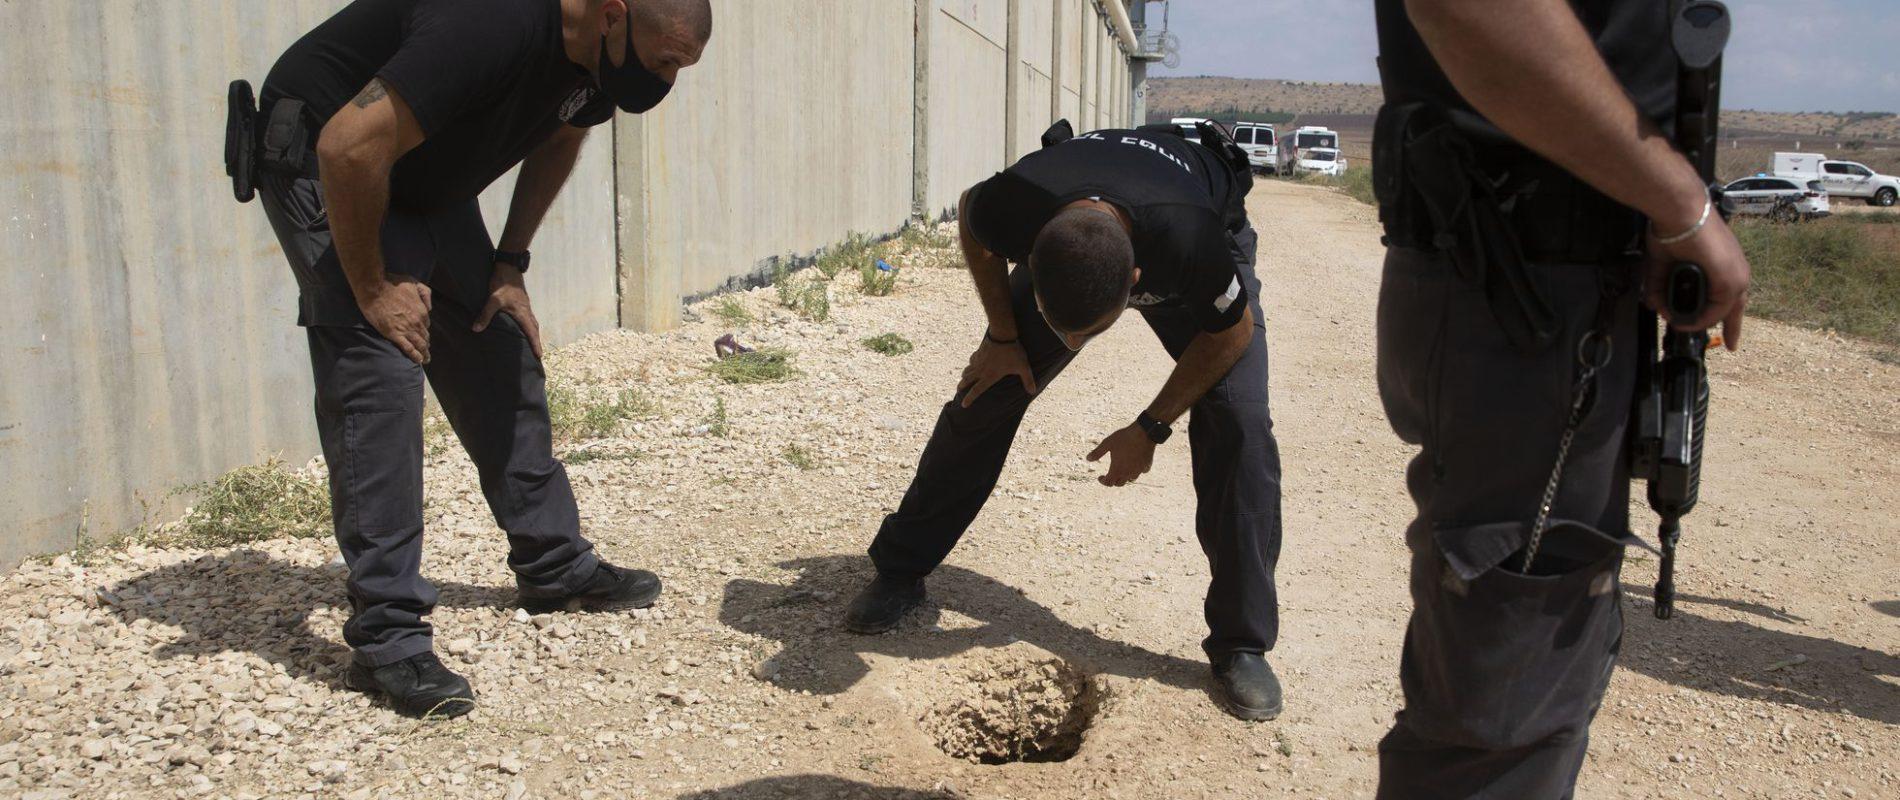 Seis presos escaparon de la cárcel: Excavaron un pozo con una cuchara oxidada